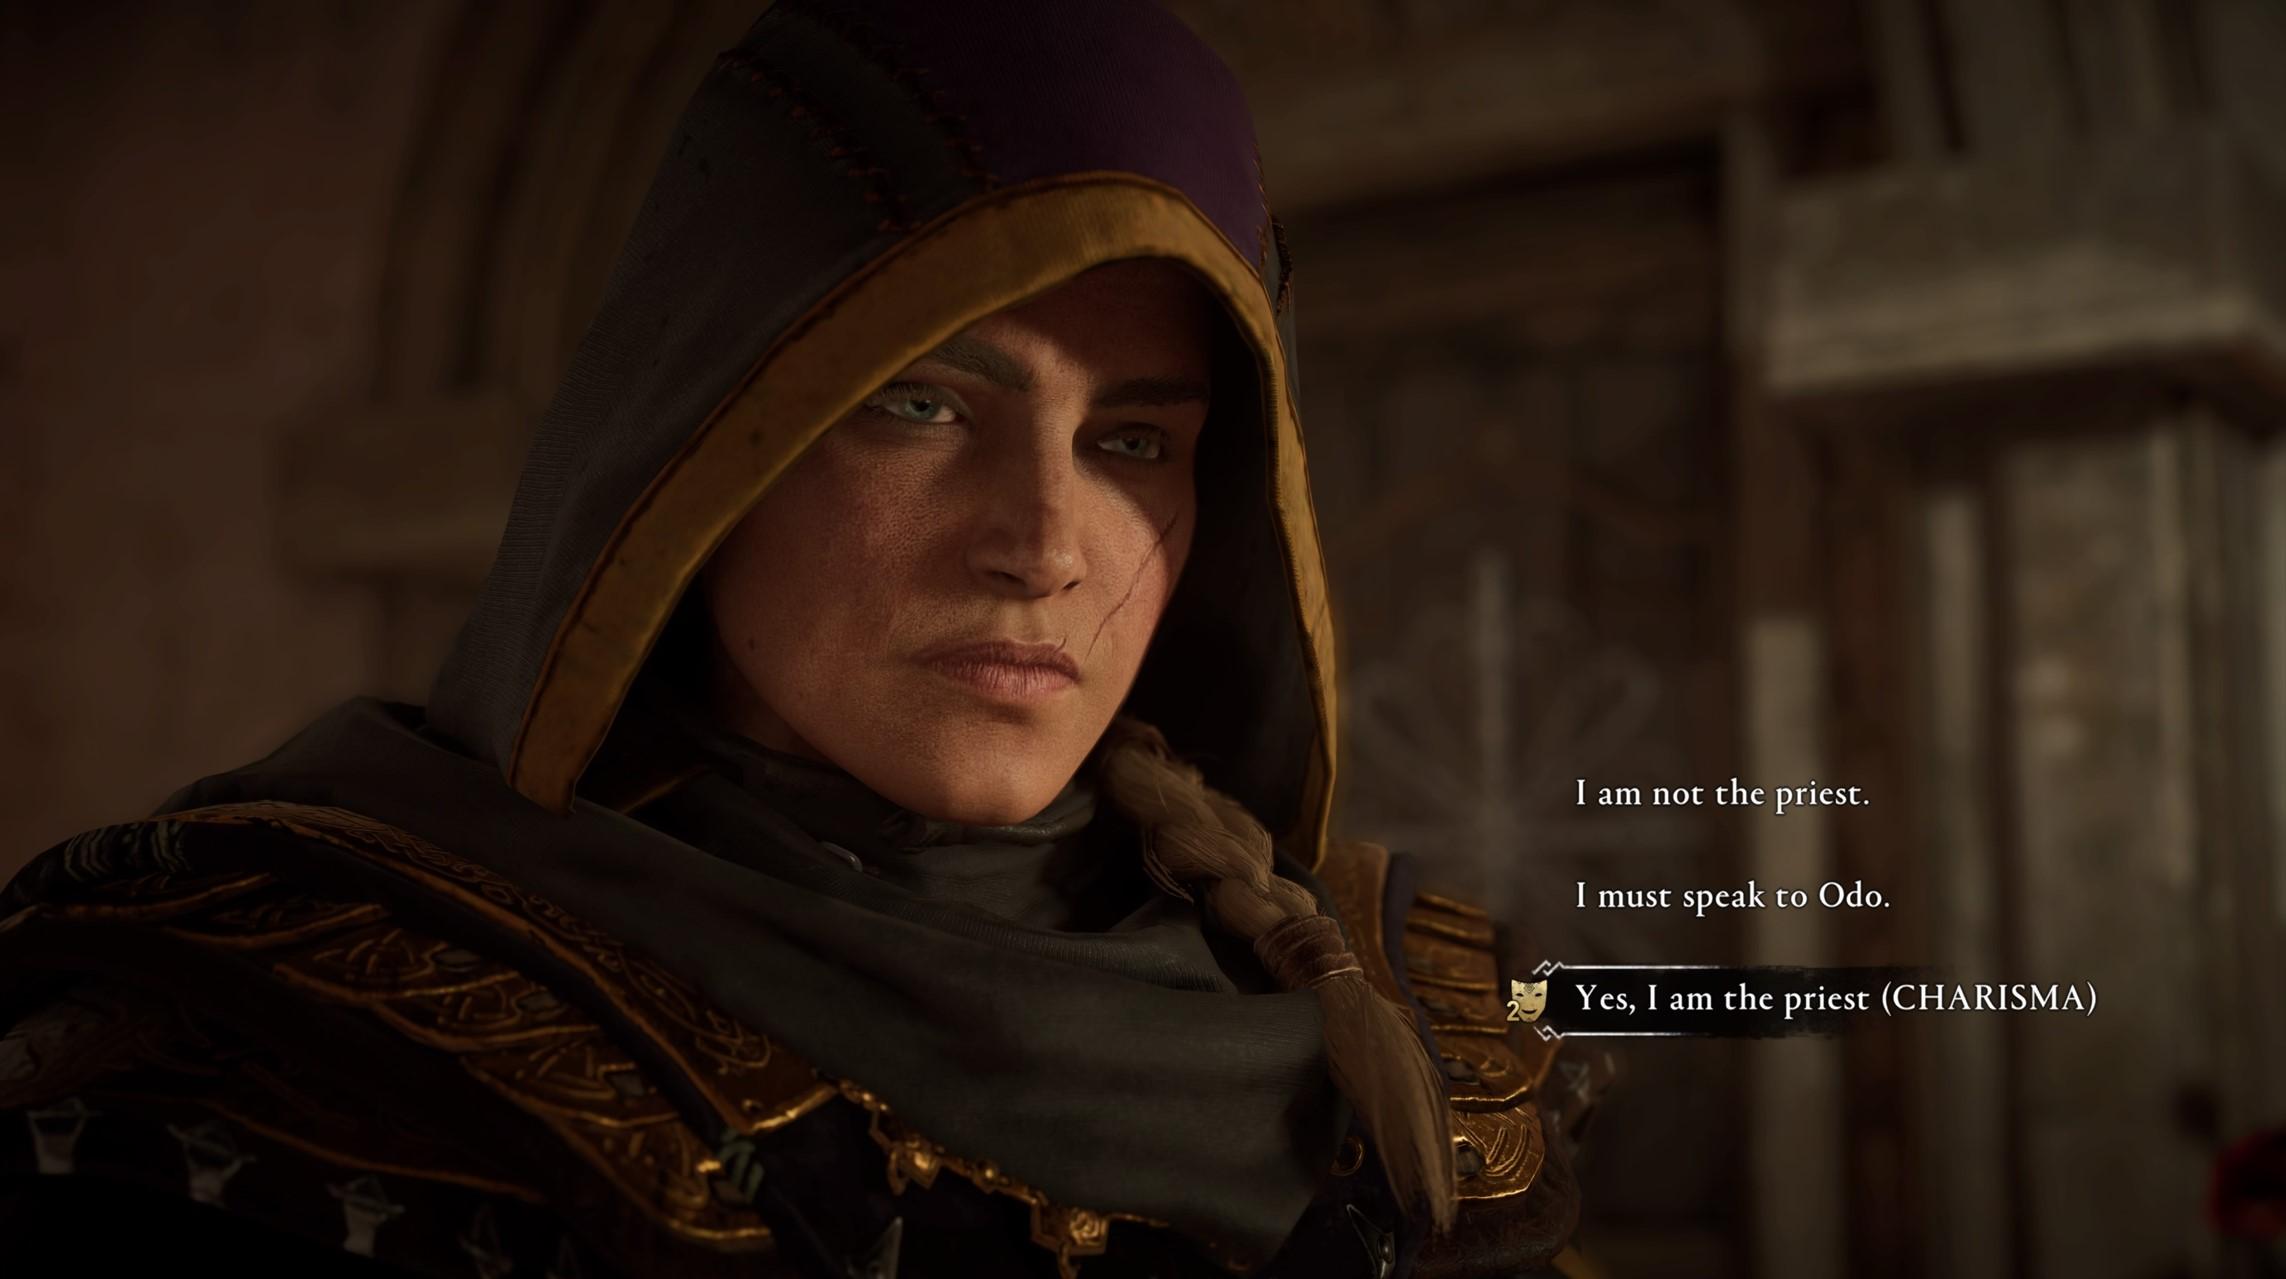 assassins creed valhalla count of paris confront odo wife Assassin's Creed Valhalla Siege of Paris The Count of Paris | Confront Odo